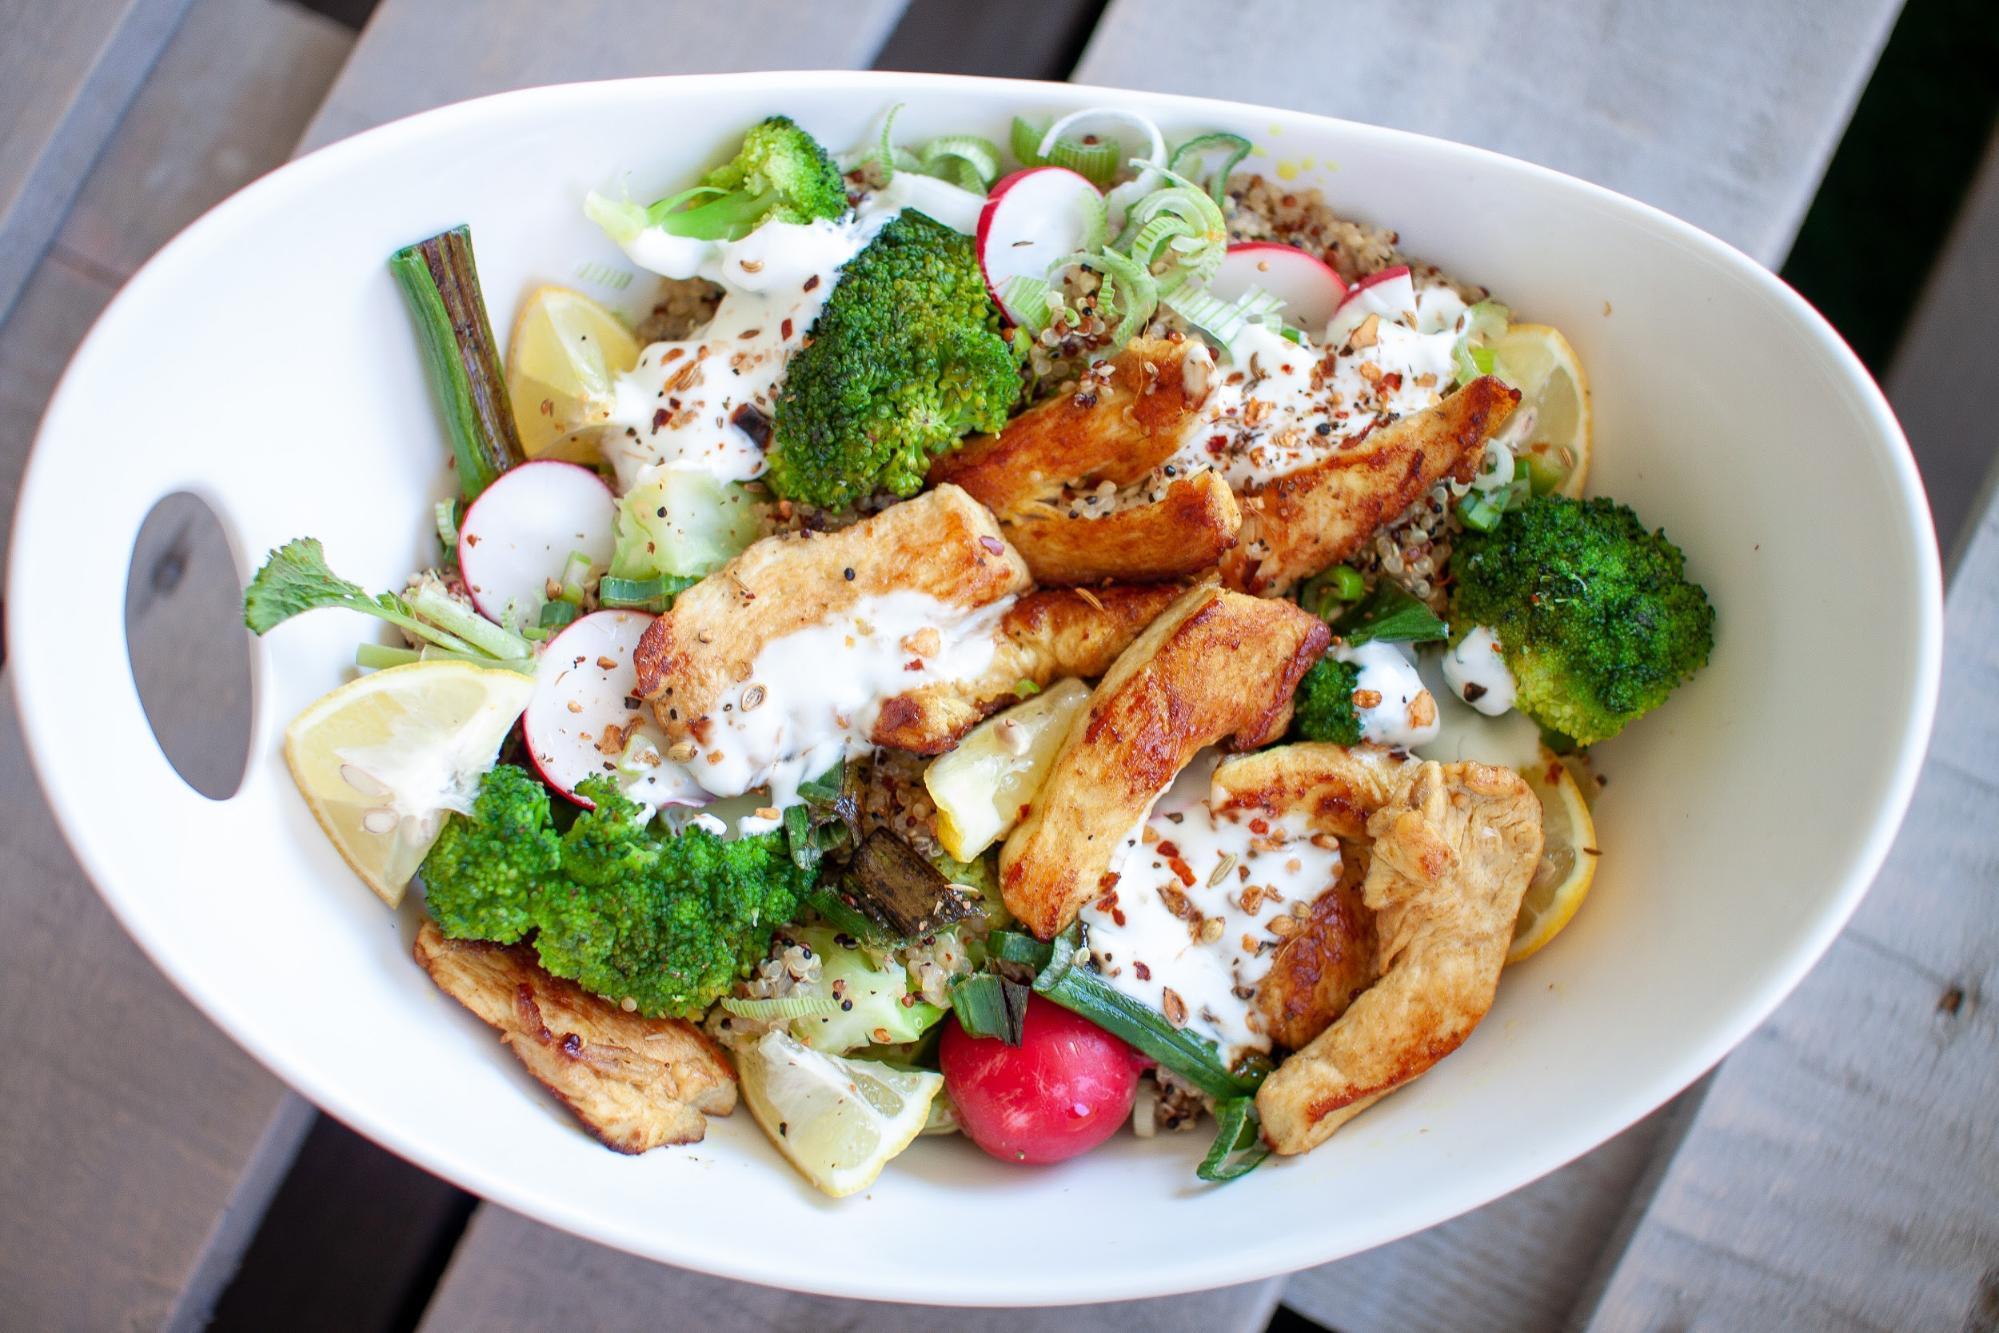 Fitness Einkaufsliste: Reis, Huhn, Brokkoli mit Joghurtsauce mix aus kohlenhydraten, fett und eiweiß in einer speise